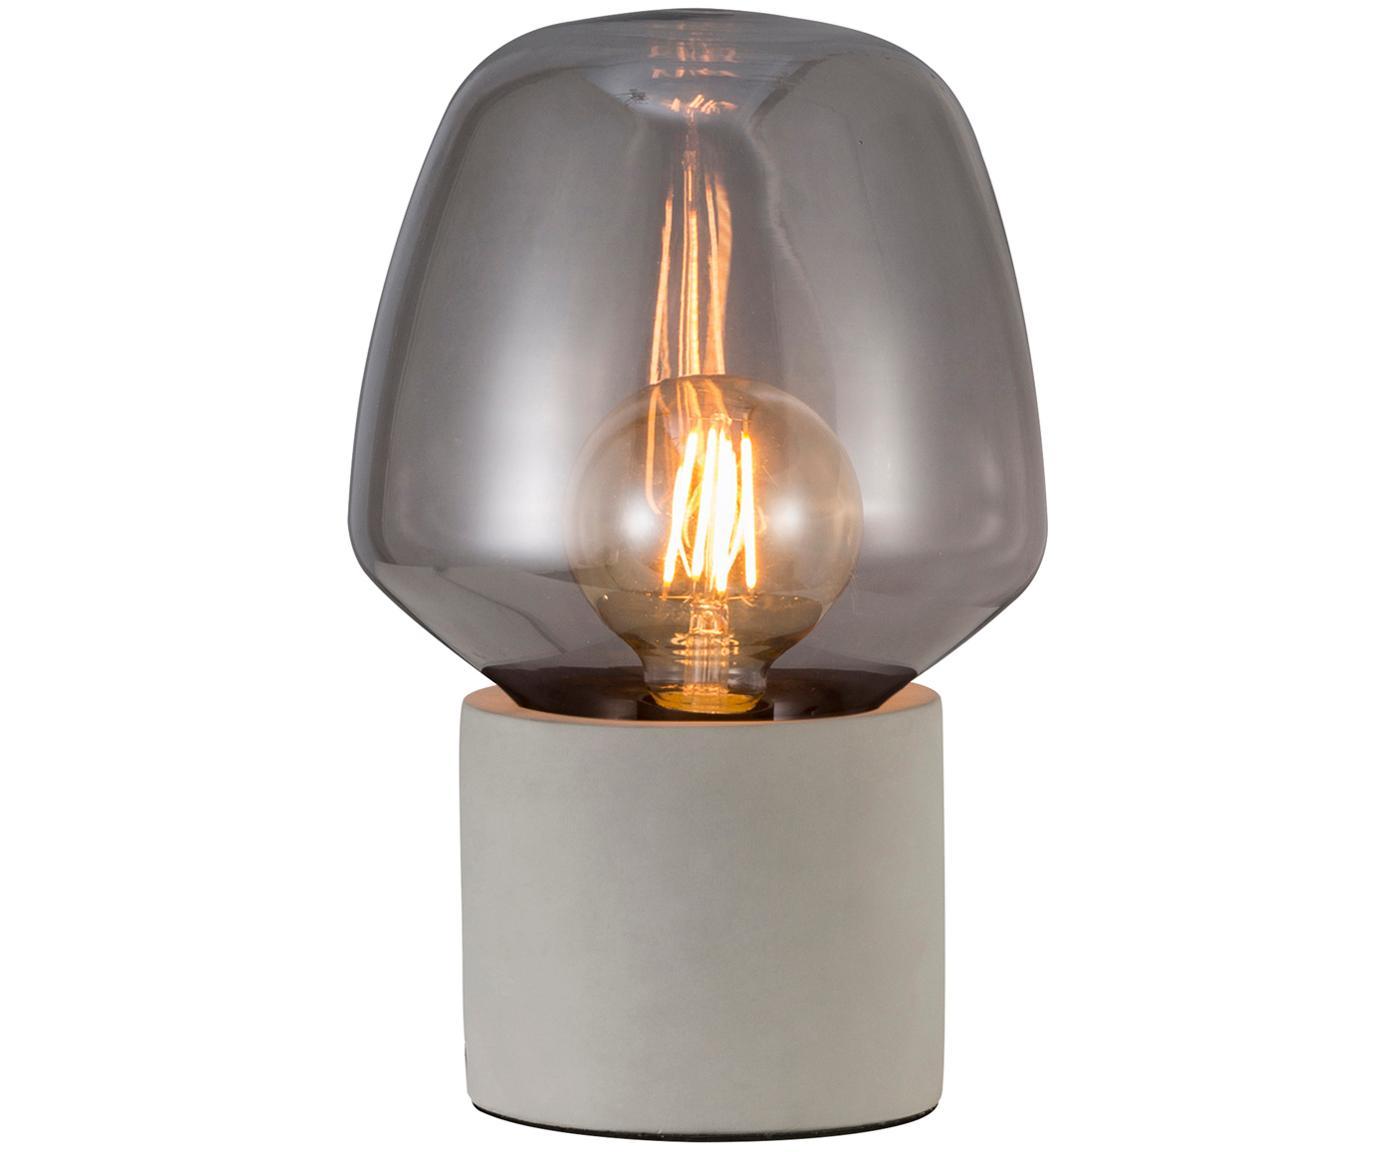 Lampada da tavolo Christina, Paralume: vetro, Base della lampada: cemento, Grigio cemento, grigio, trasparente, Ø 20 x Alt. 30 cm